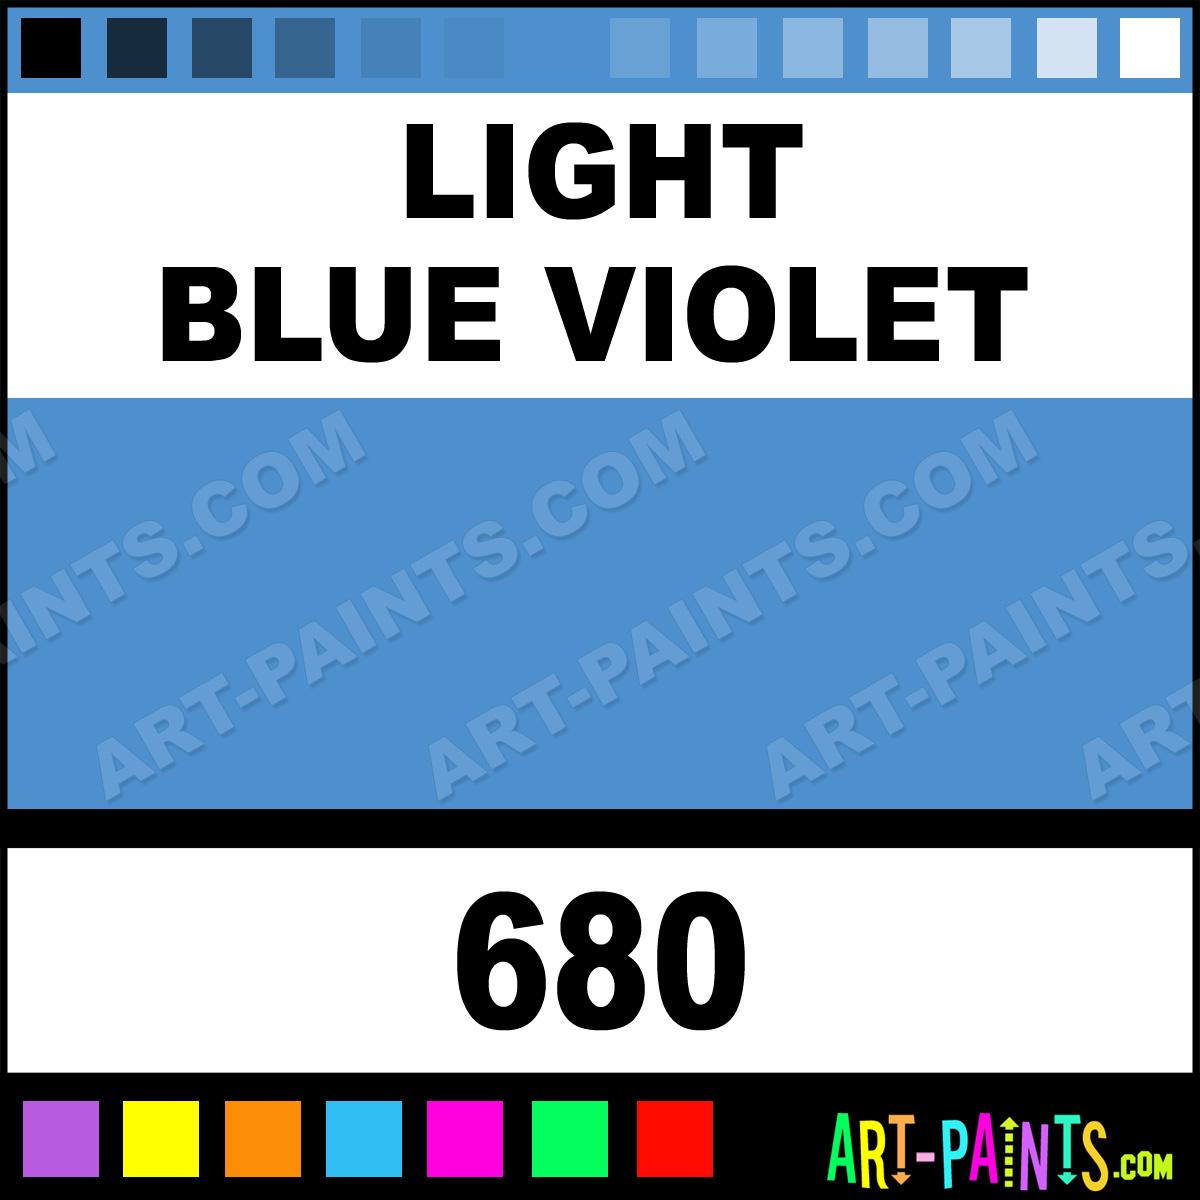 Light Blue Violet Soft Body Acrylic Paints 680 Light